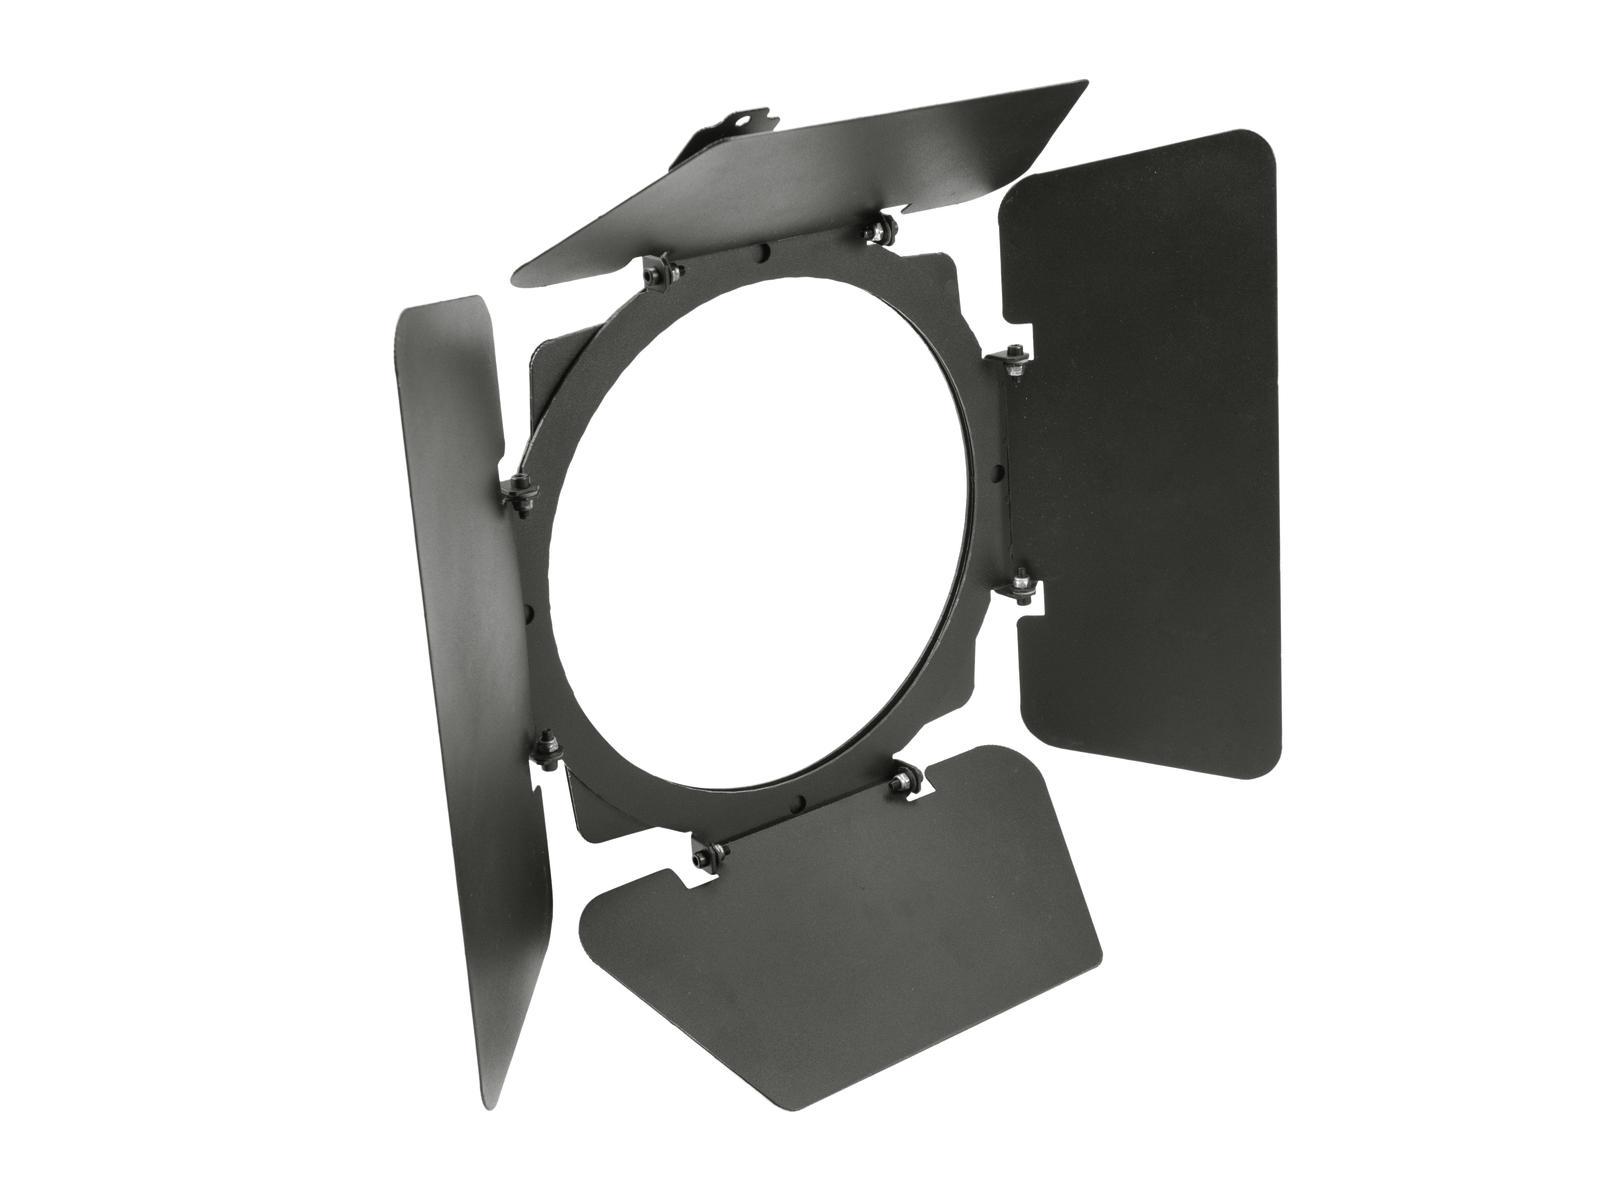 FUTURELIGHT Flügelbegrenzer für Pro Slim Par-18